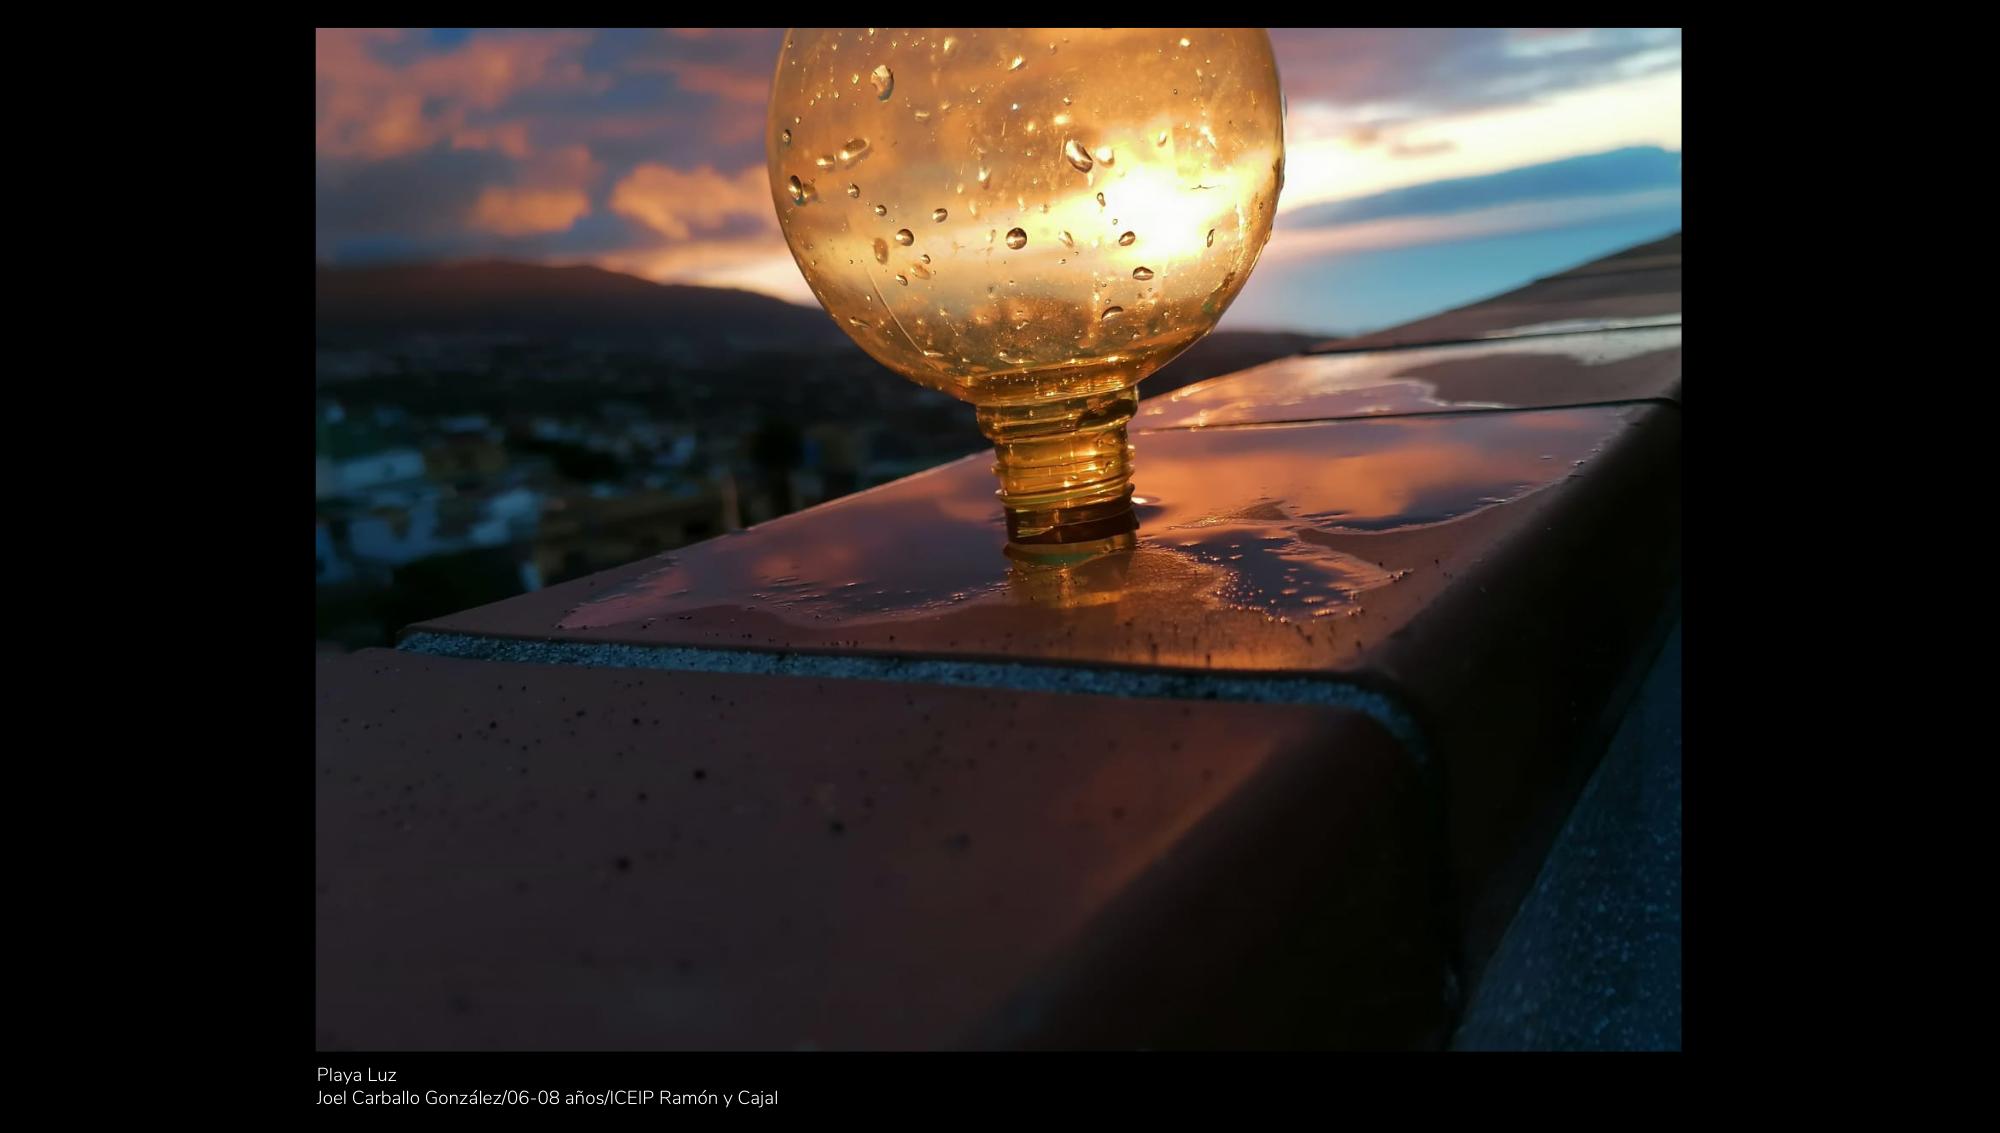 El concurso de fotografía escolar CajaCanarias 2020 ya tiene ganadores